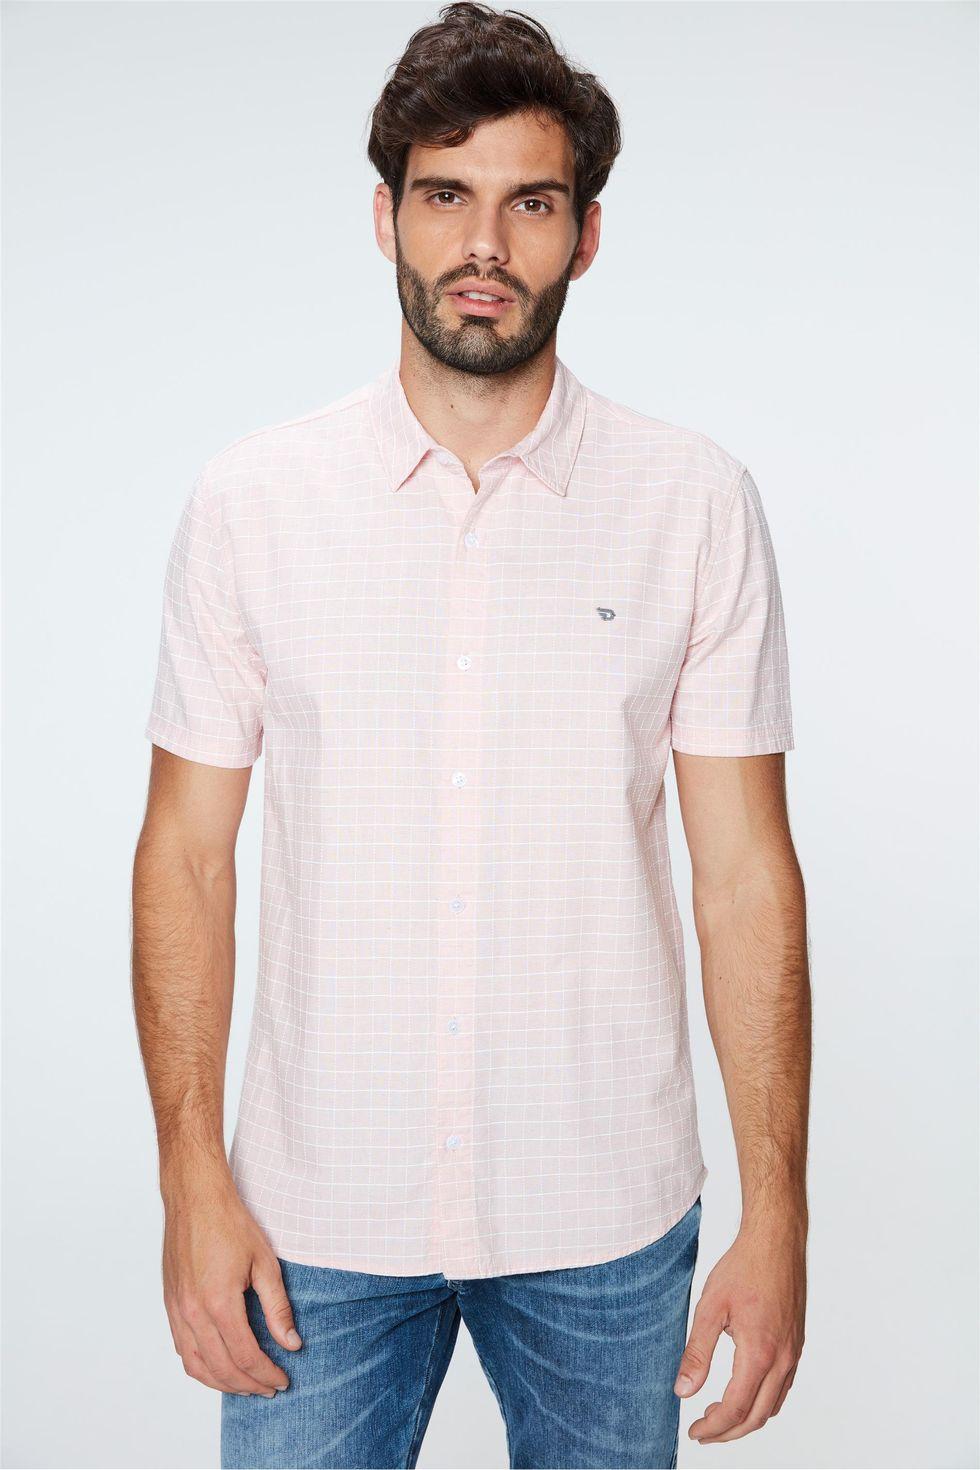 Camisa-de-Manga-Curta-Xadrez-Masculina-Frente--